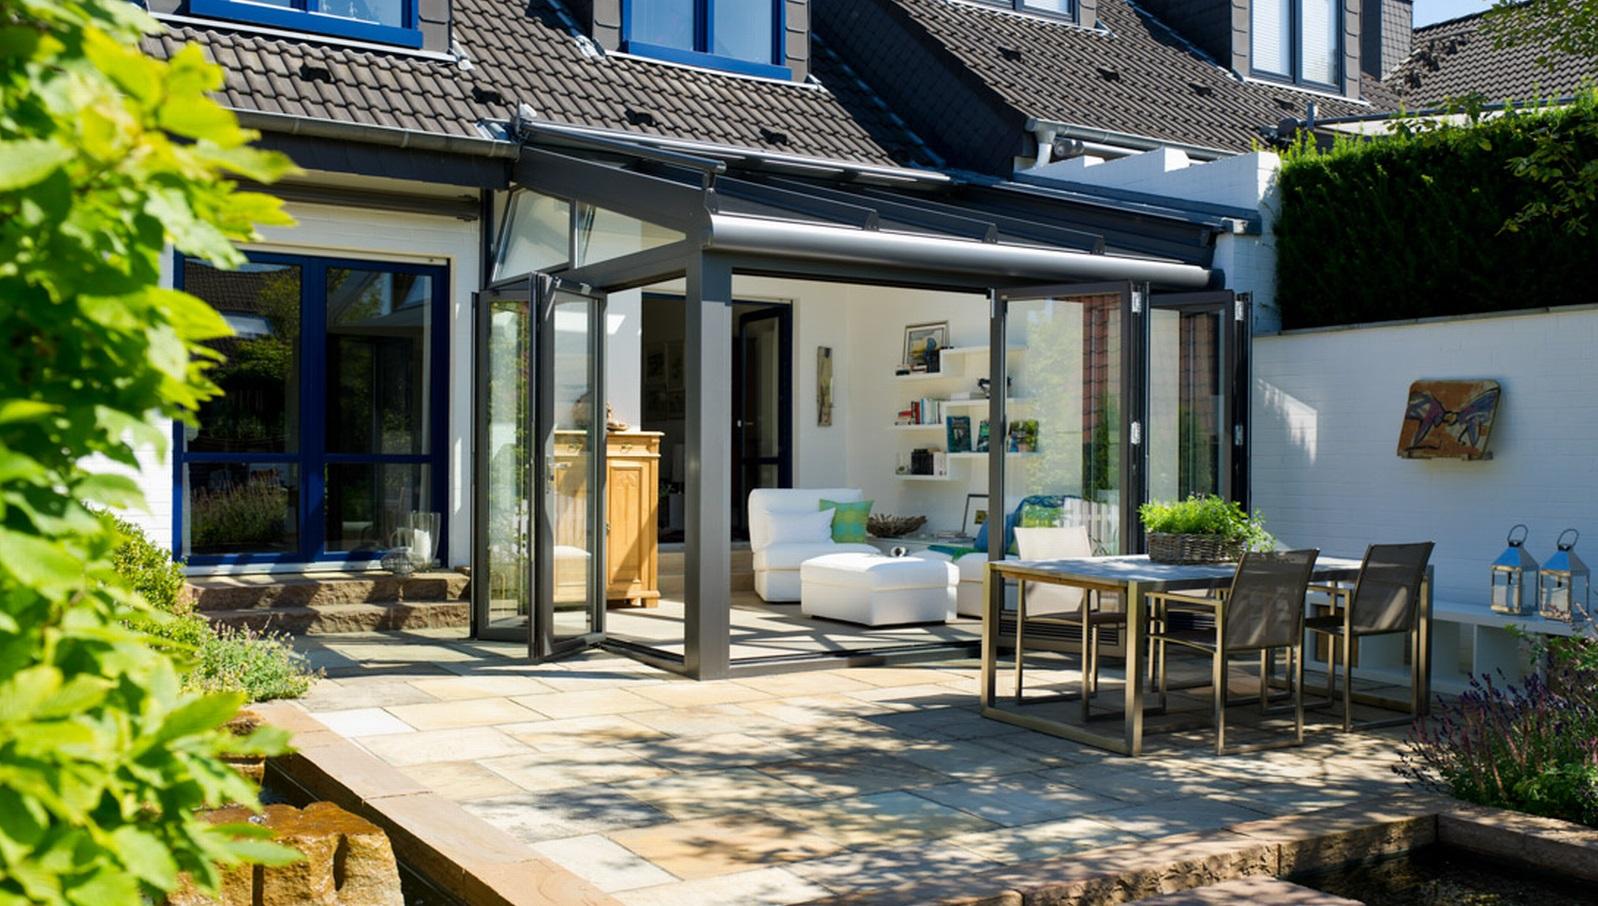 winterg rten und terrassenverglasung bauelemente spreewald. Black Bedroom Furniture Sets. Home Design Ideas